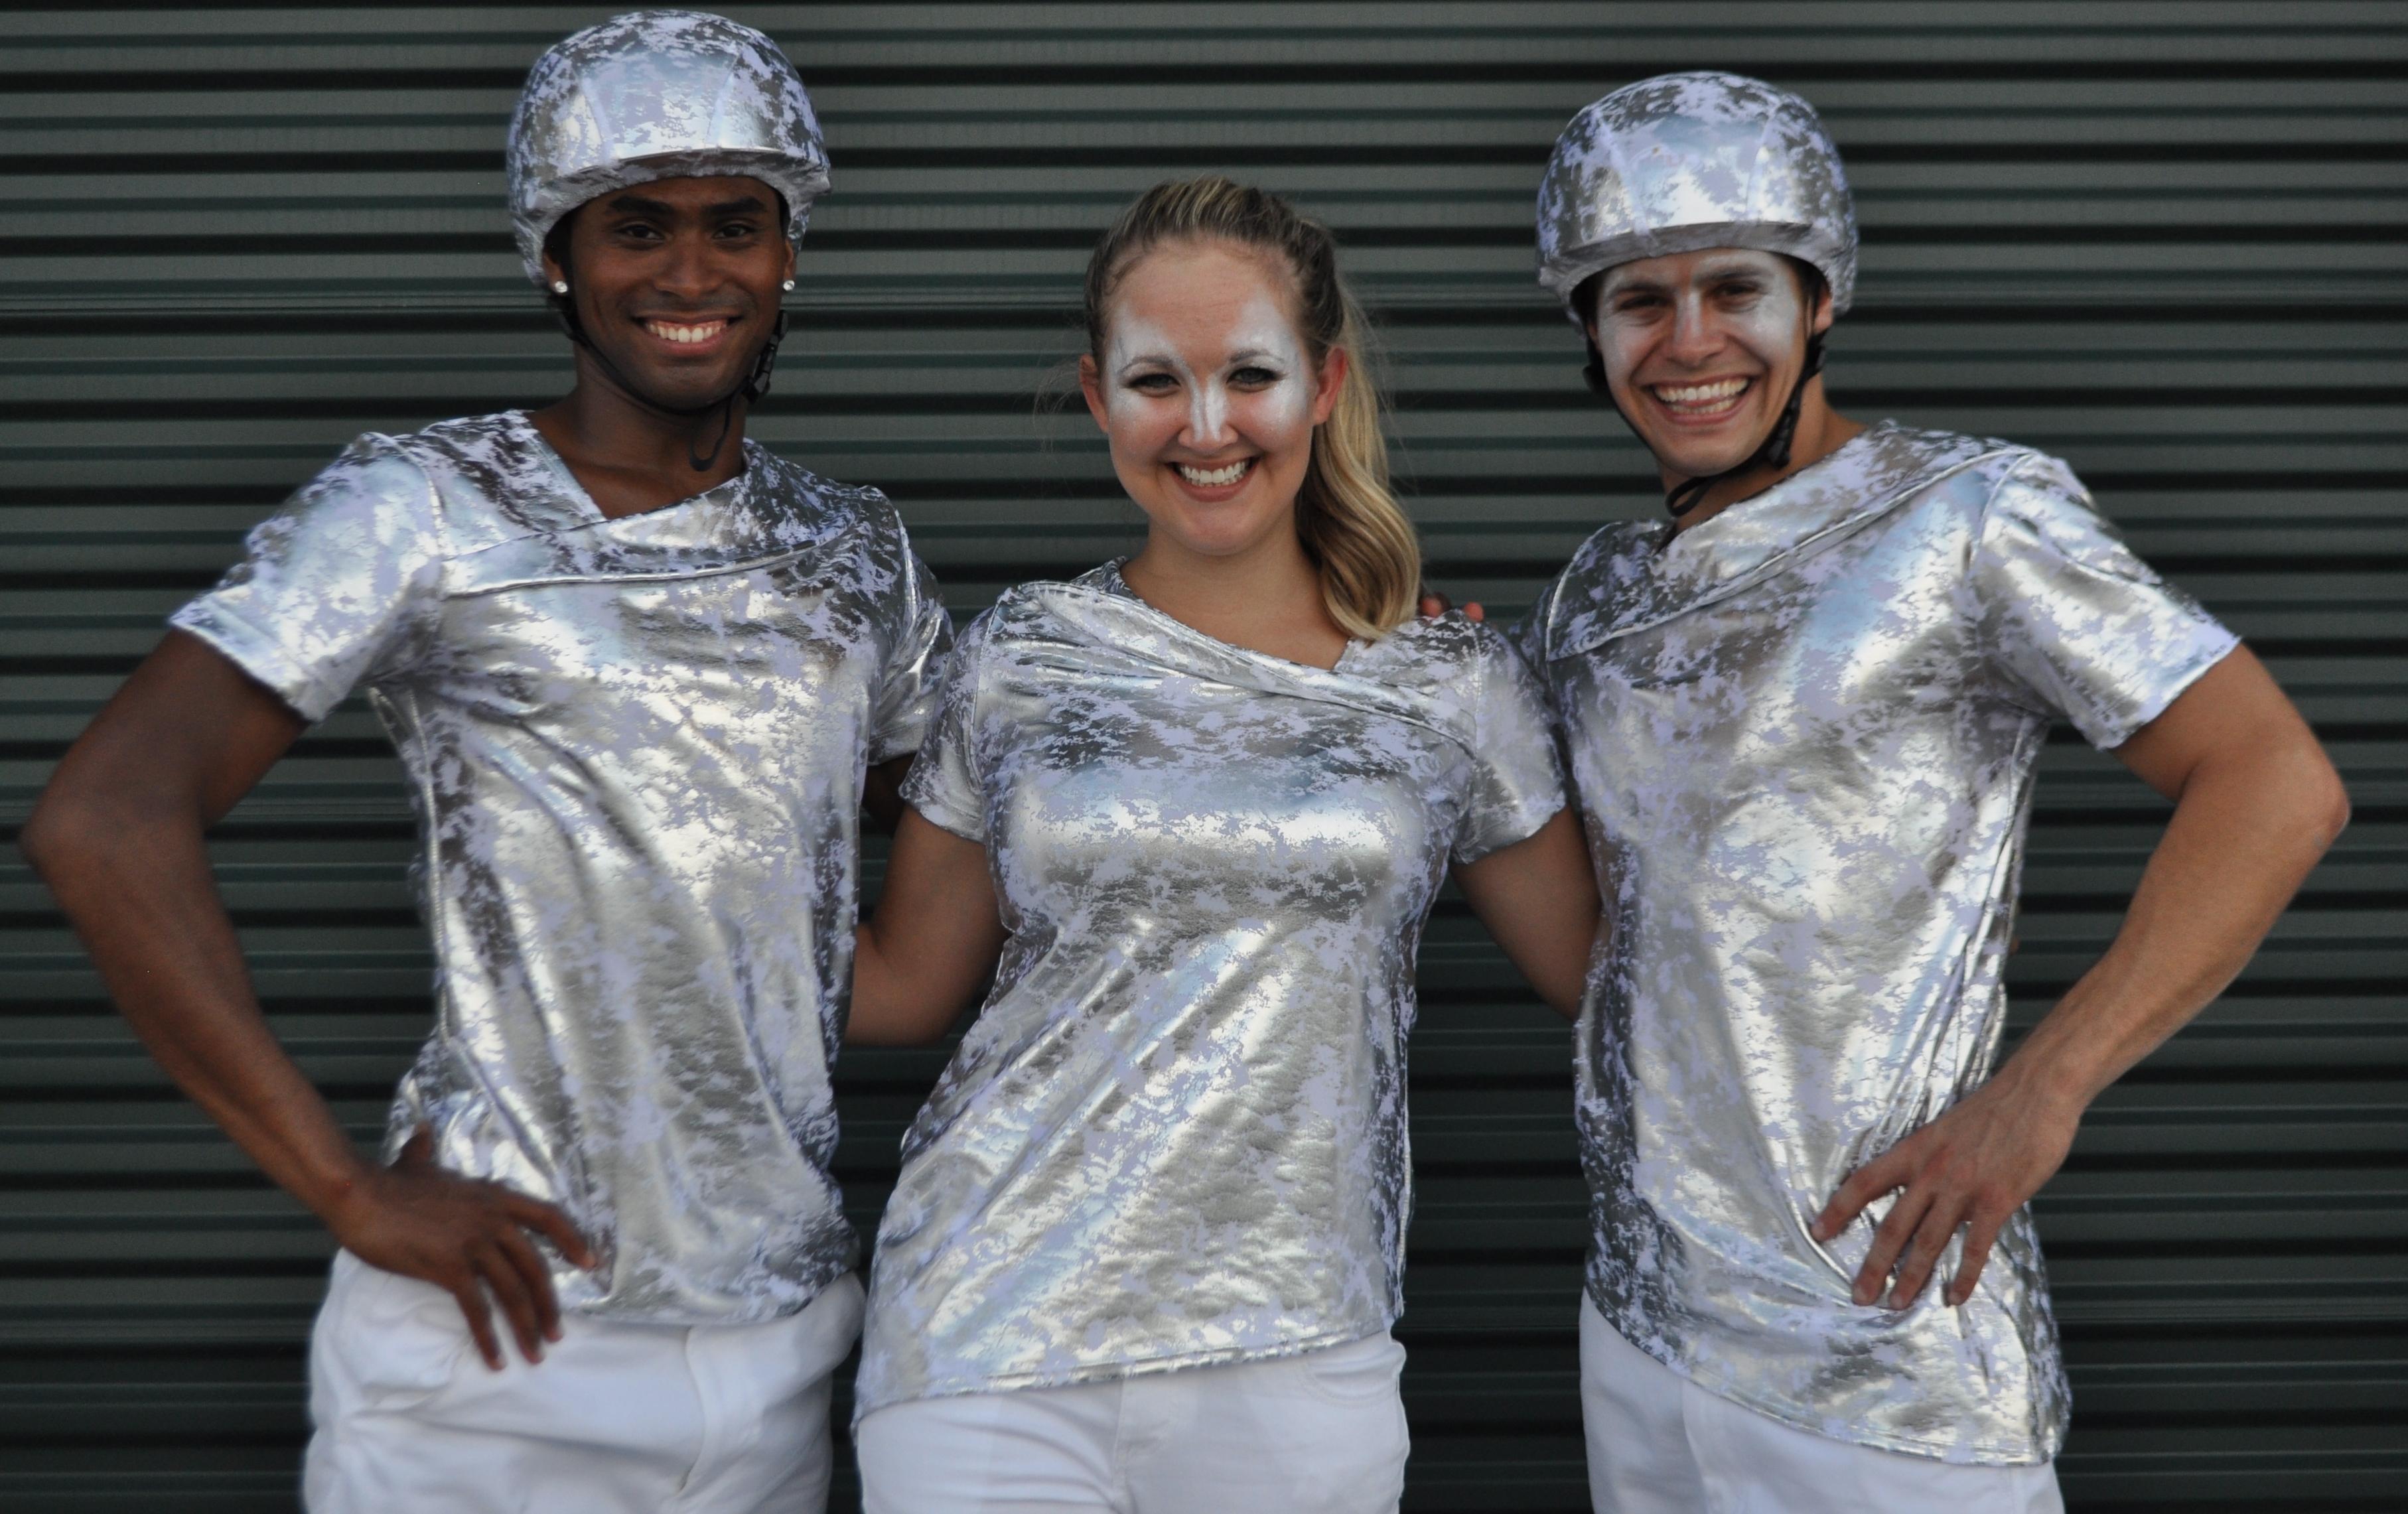 Silver costume